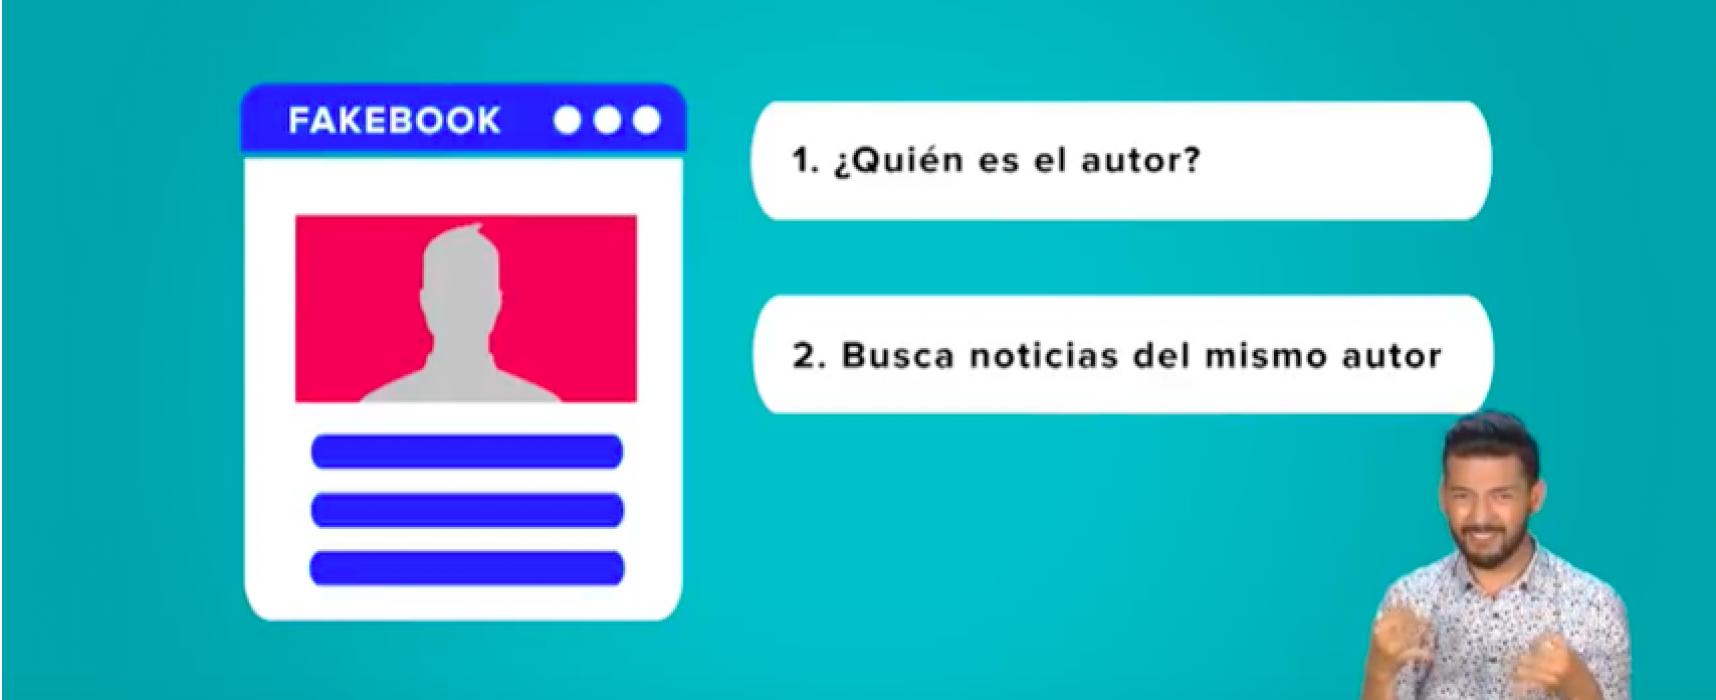 Pasos sencillos para verificar si una noticia es falsa por #NoComoCuento